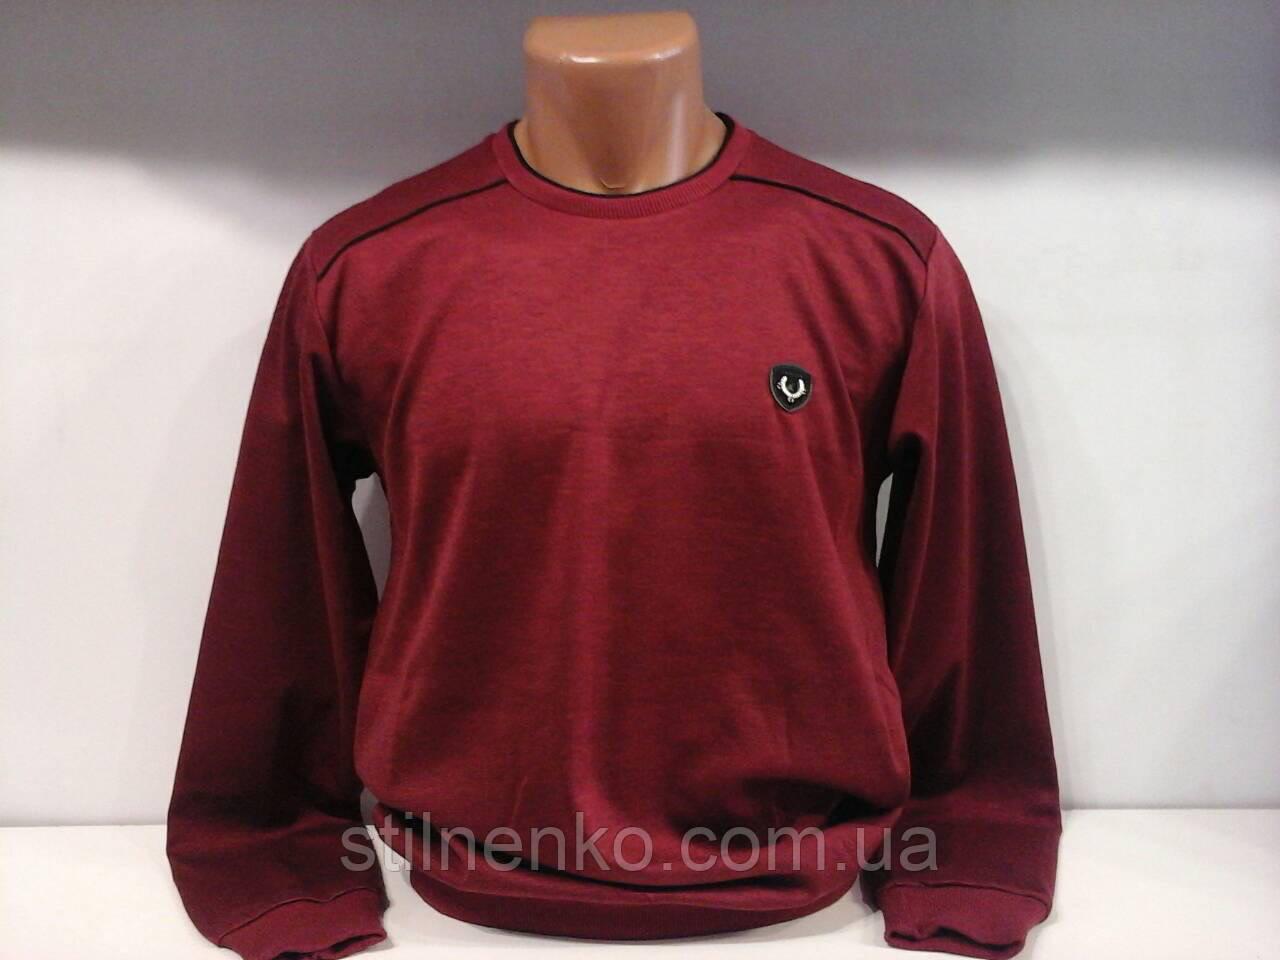 Мужской свитер CRACOW №3533